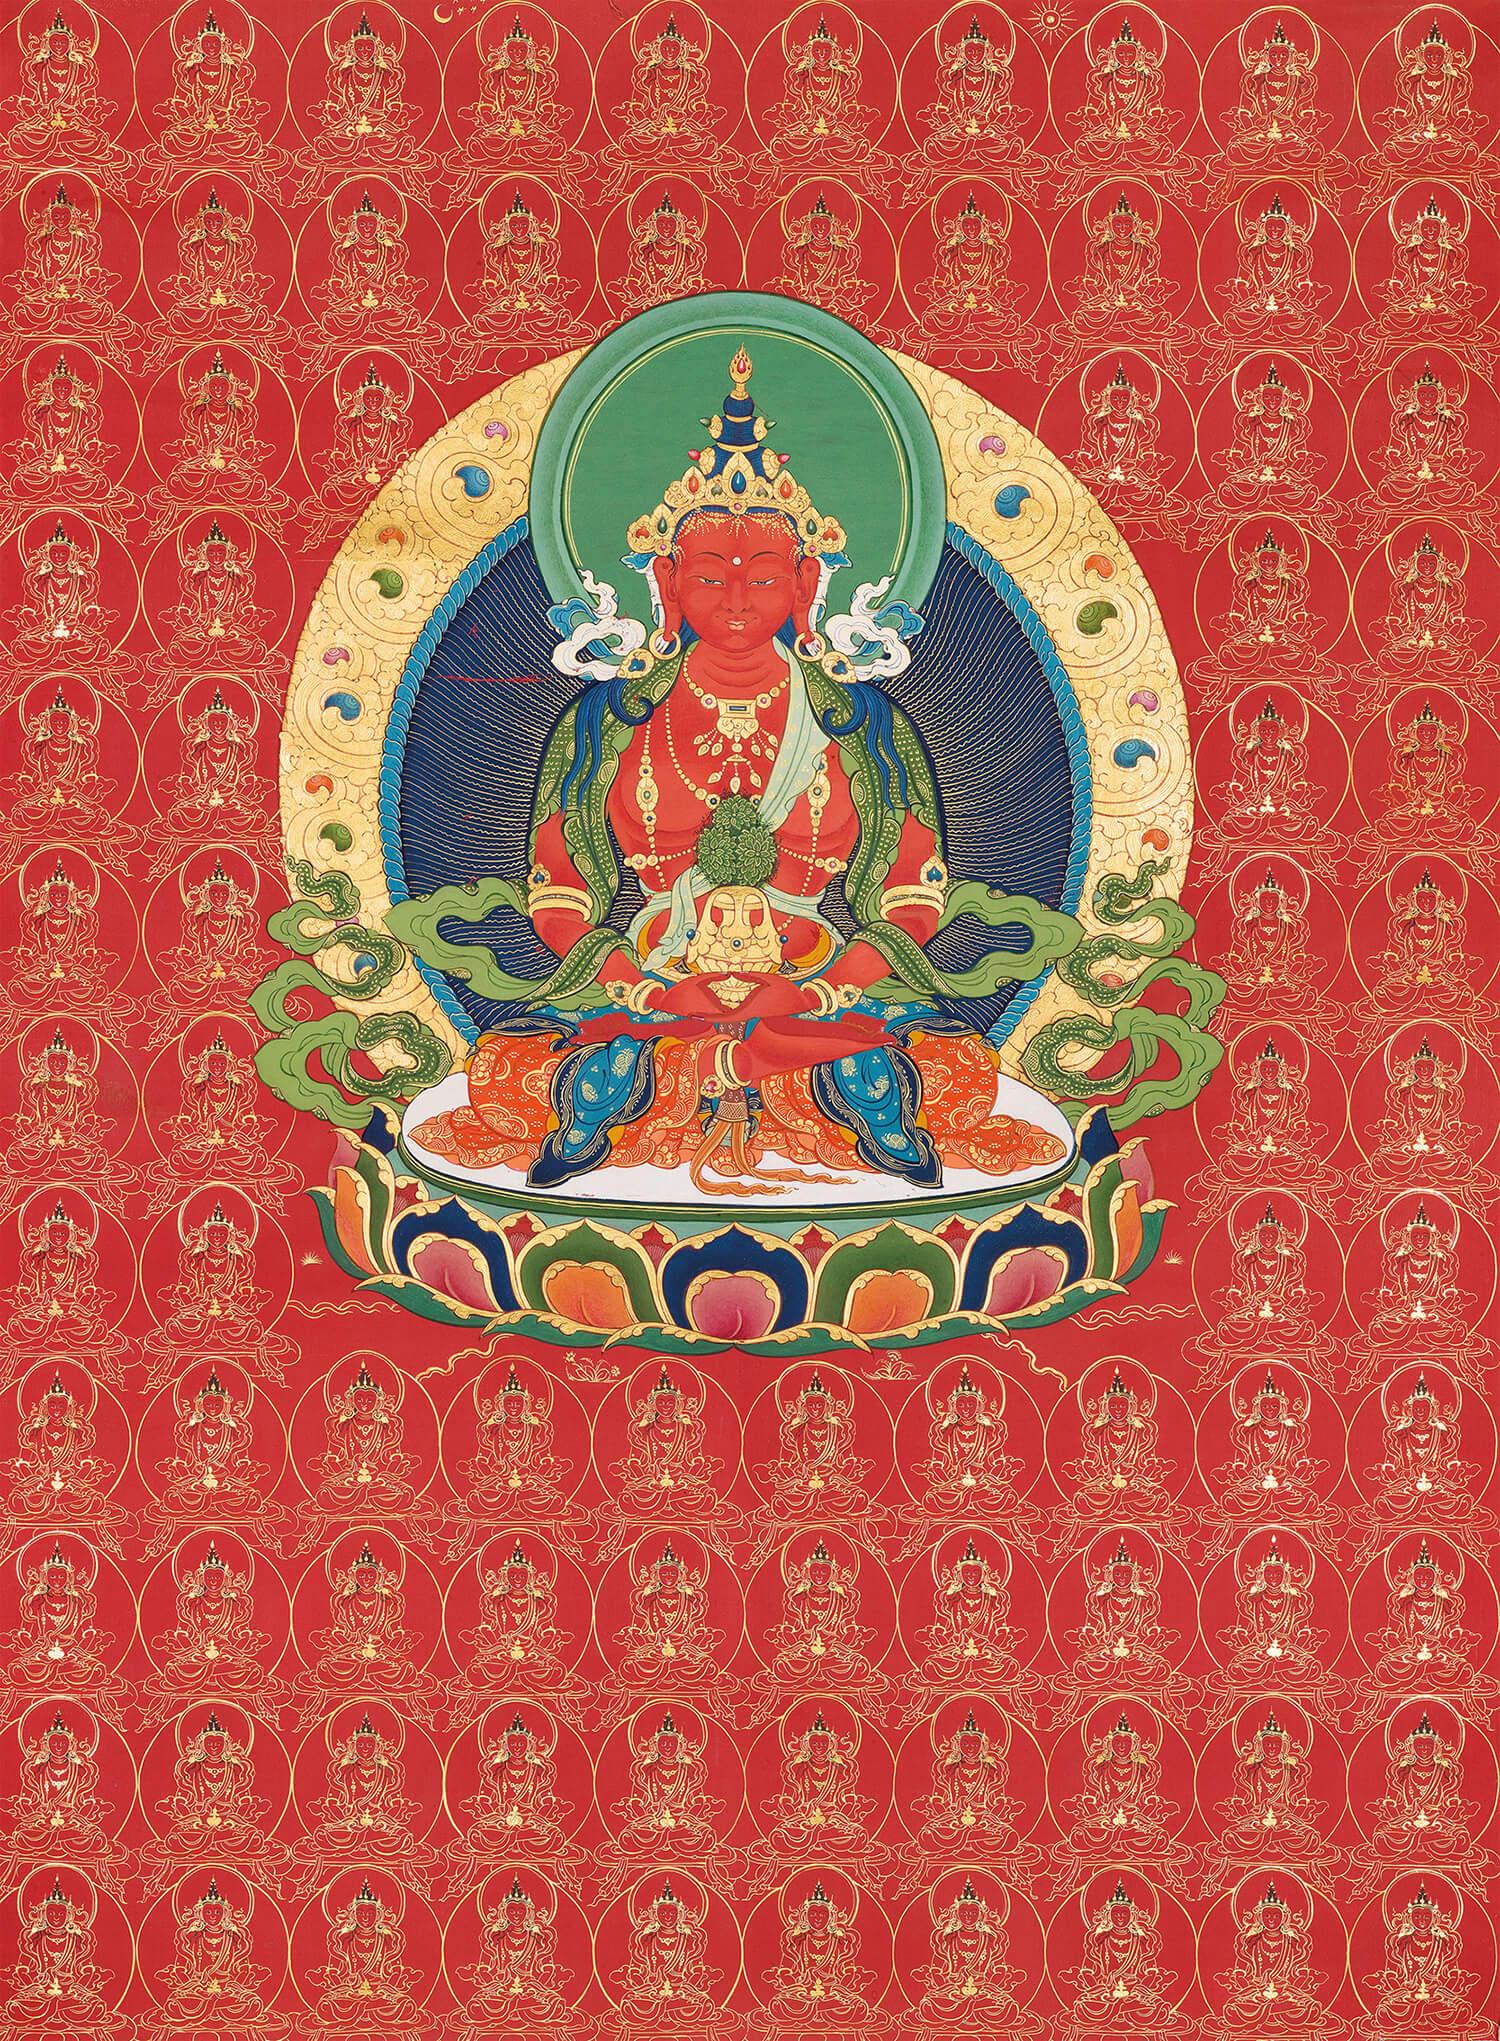 Bodhisattva Amitayus